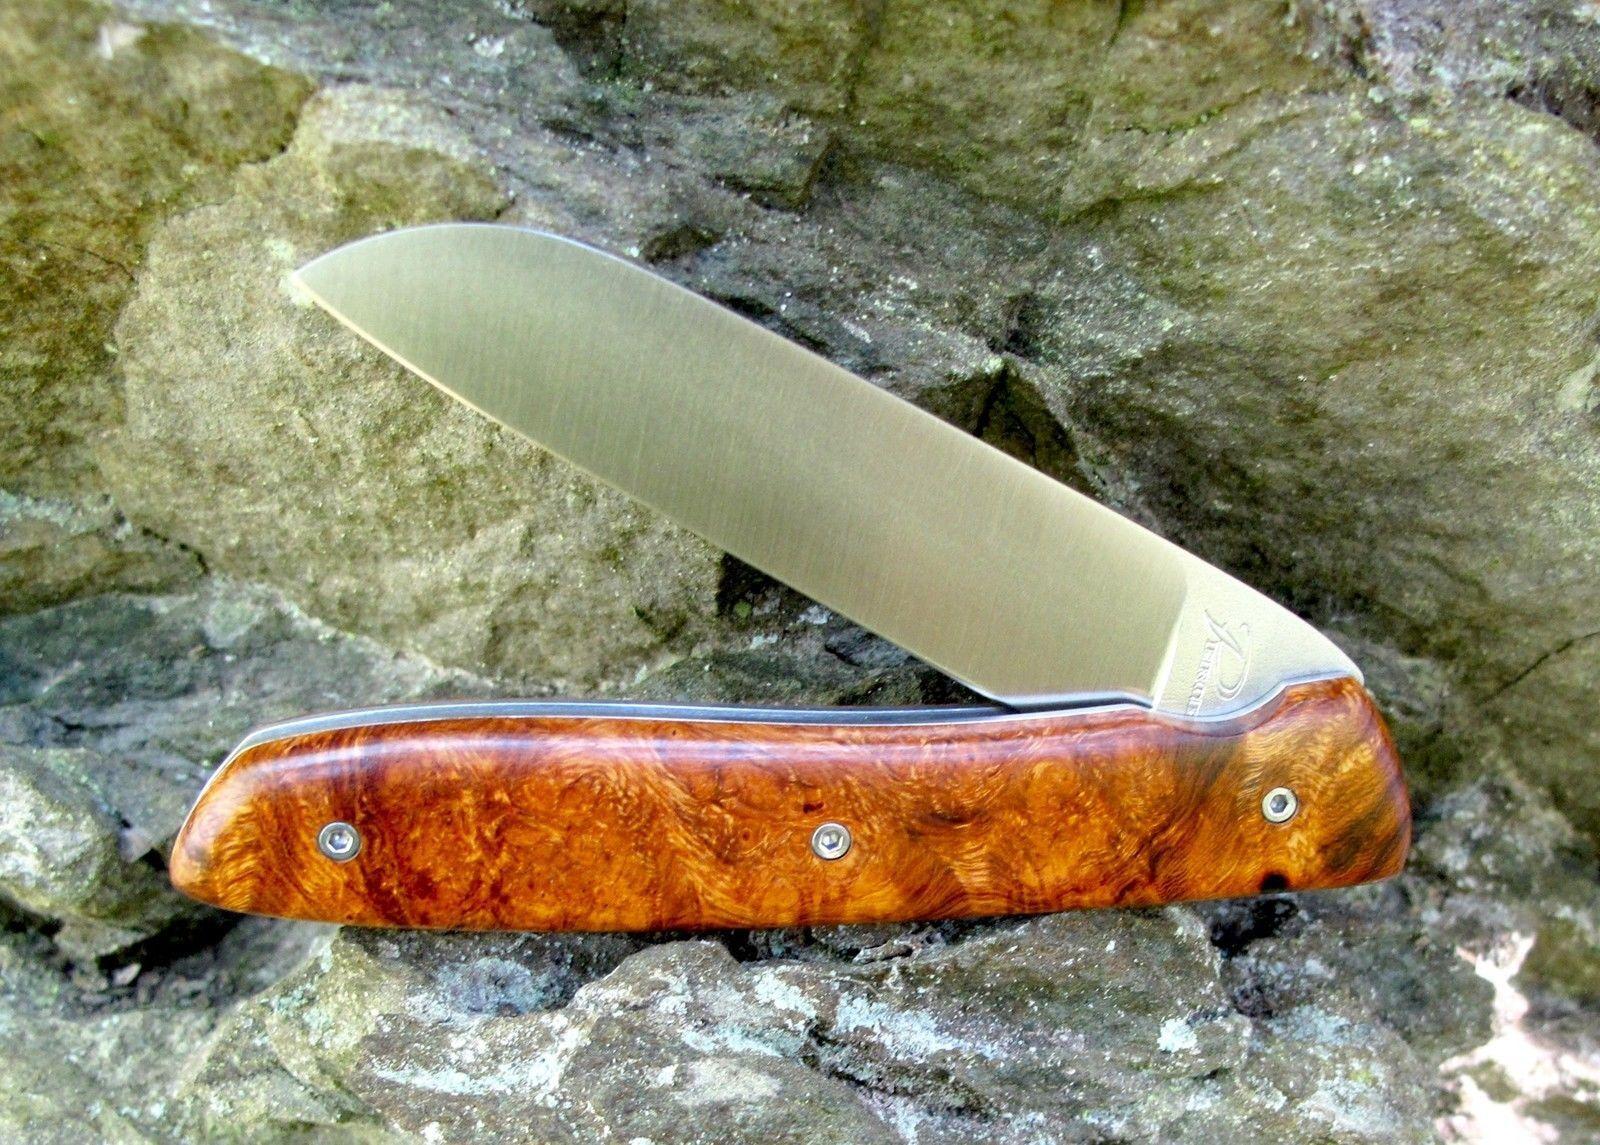 Atelier Perceval L08 Wüsteneisenholz 19C24 Sandvik Vesper-  Brotzeitmesser  | Kostengünstig